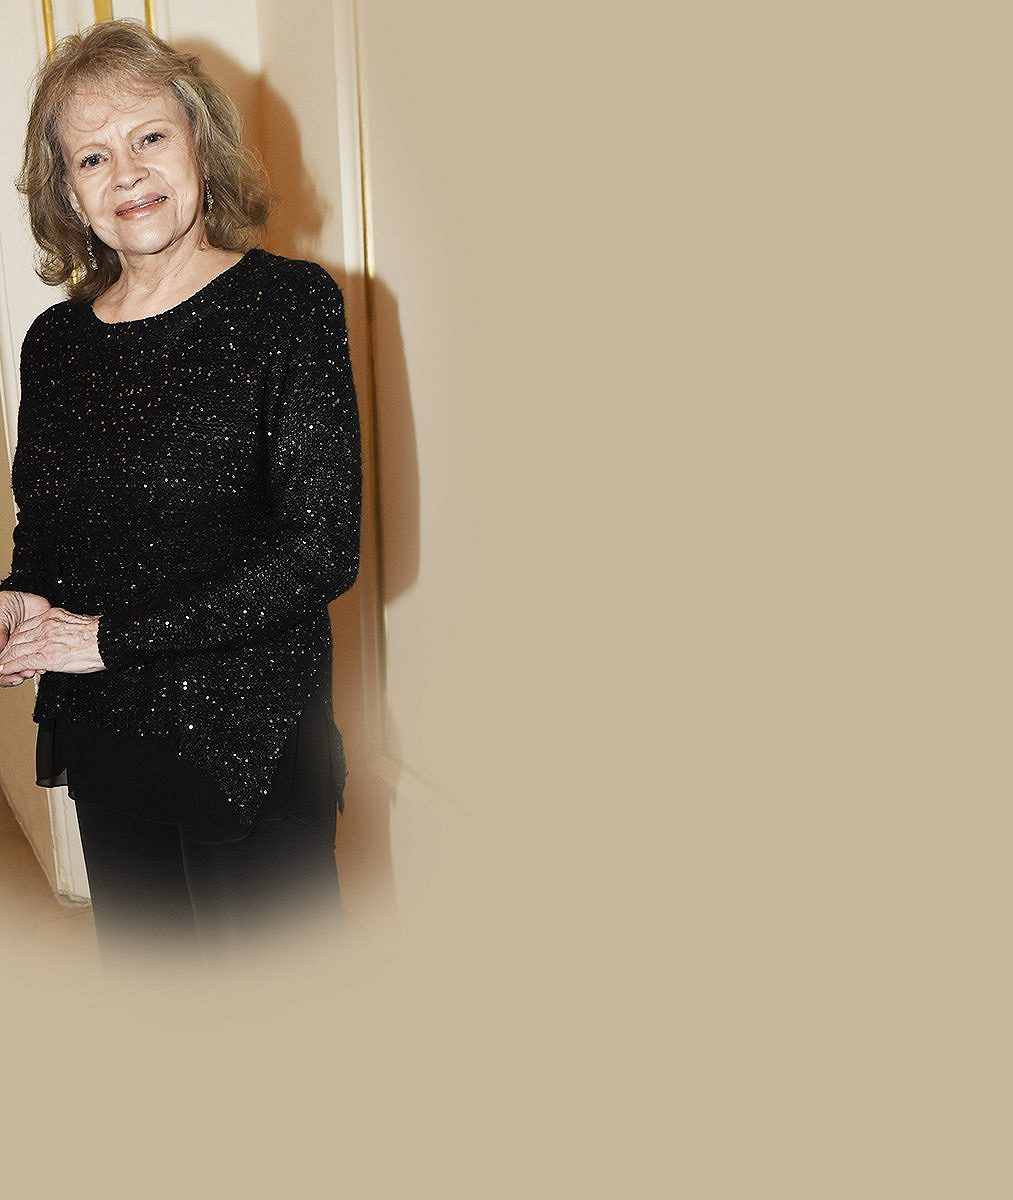 Smutná zpráva: Ve věku 80let zemřela zpěvačka Eva Pilarová